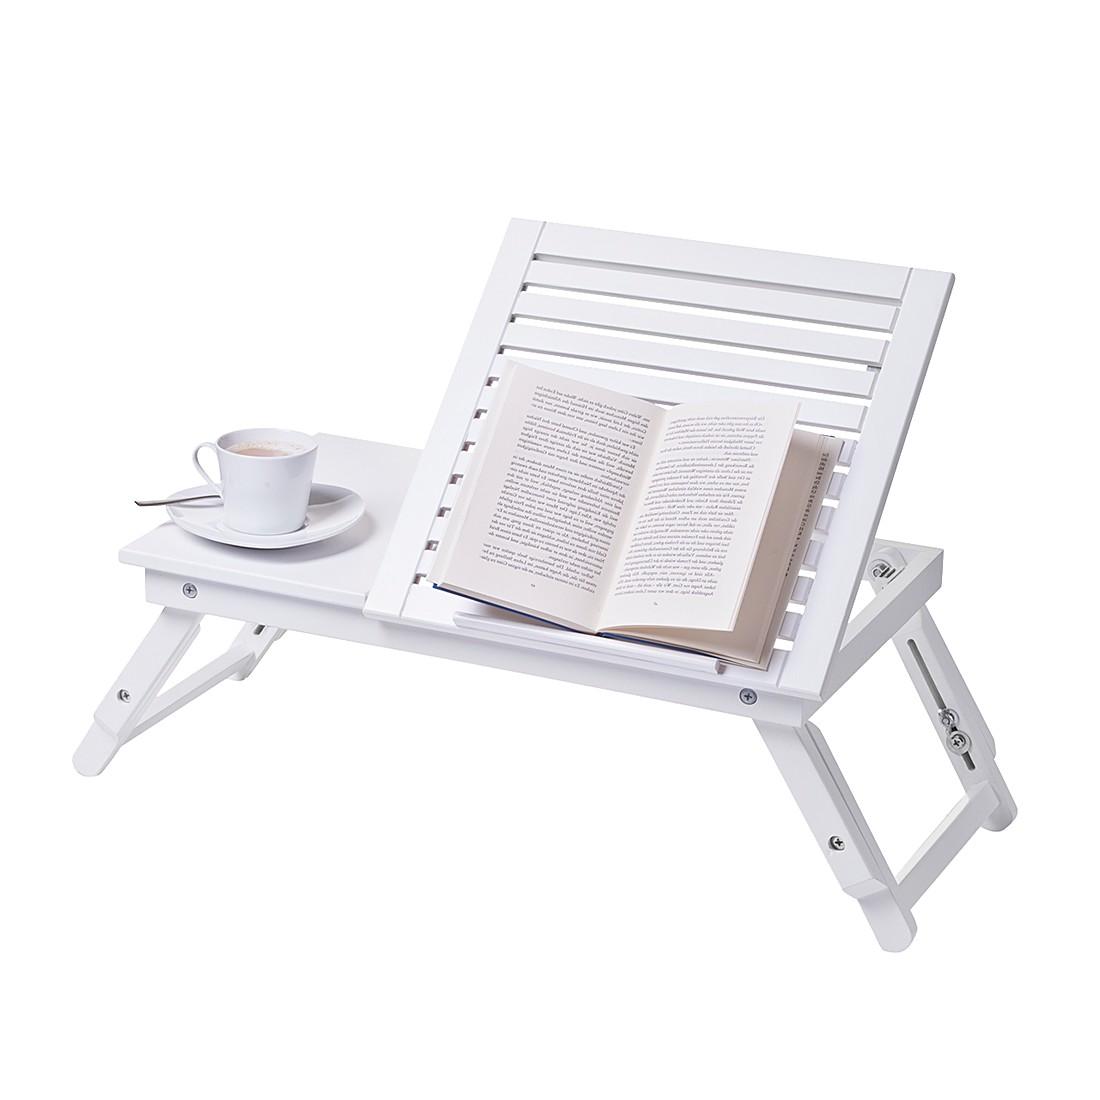 Betttablett – Weiß, mit Leseklappe, Zeller online bestellen